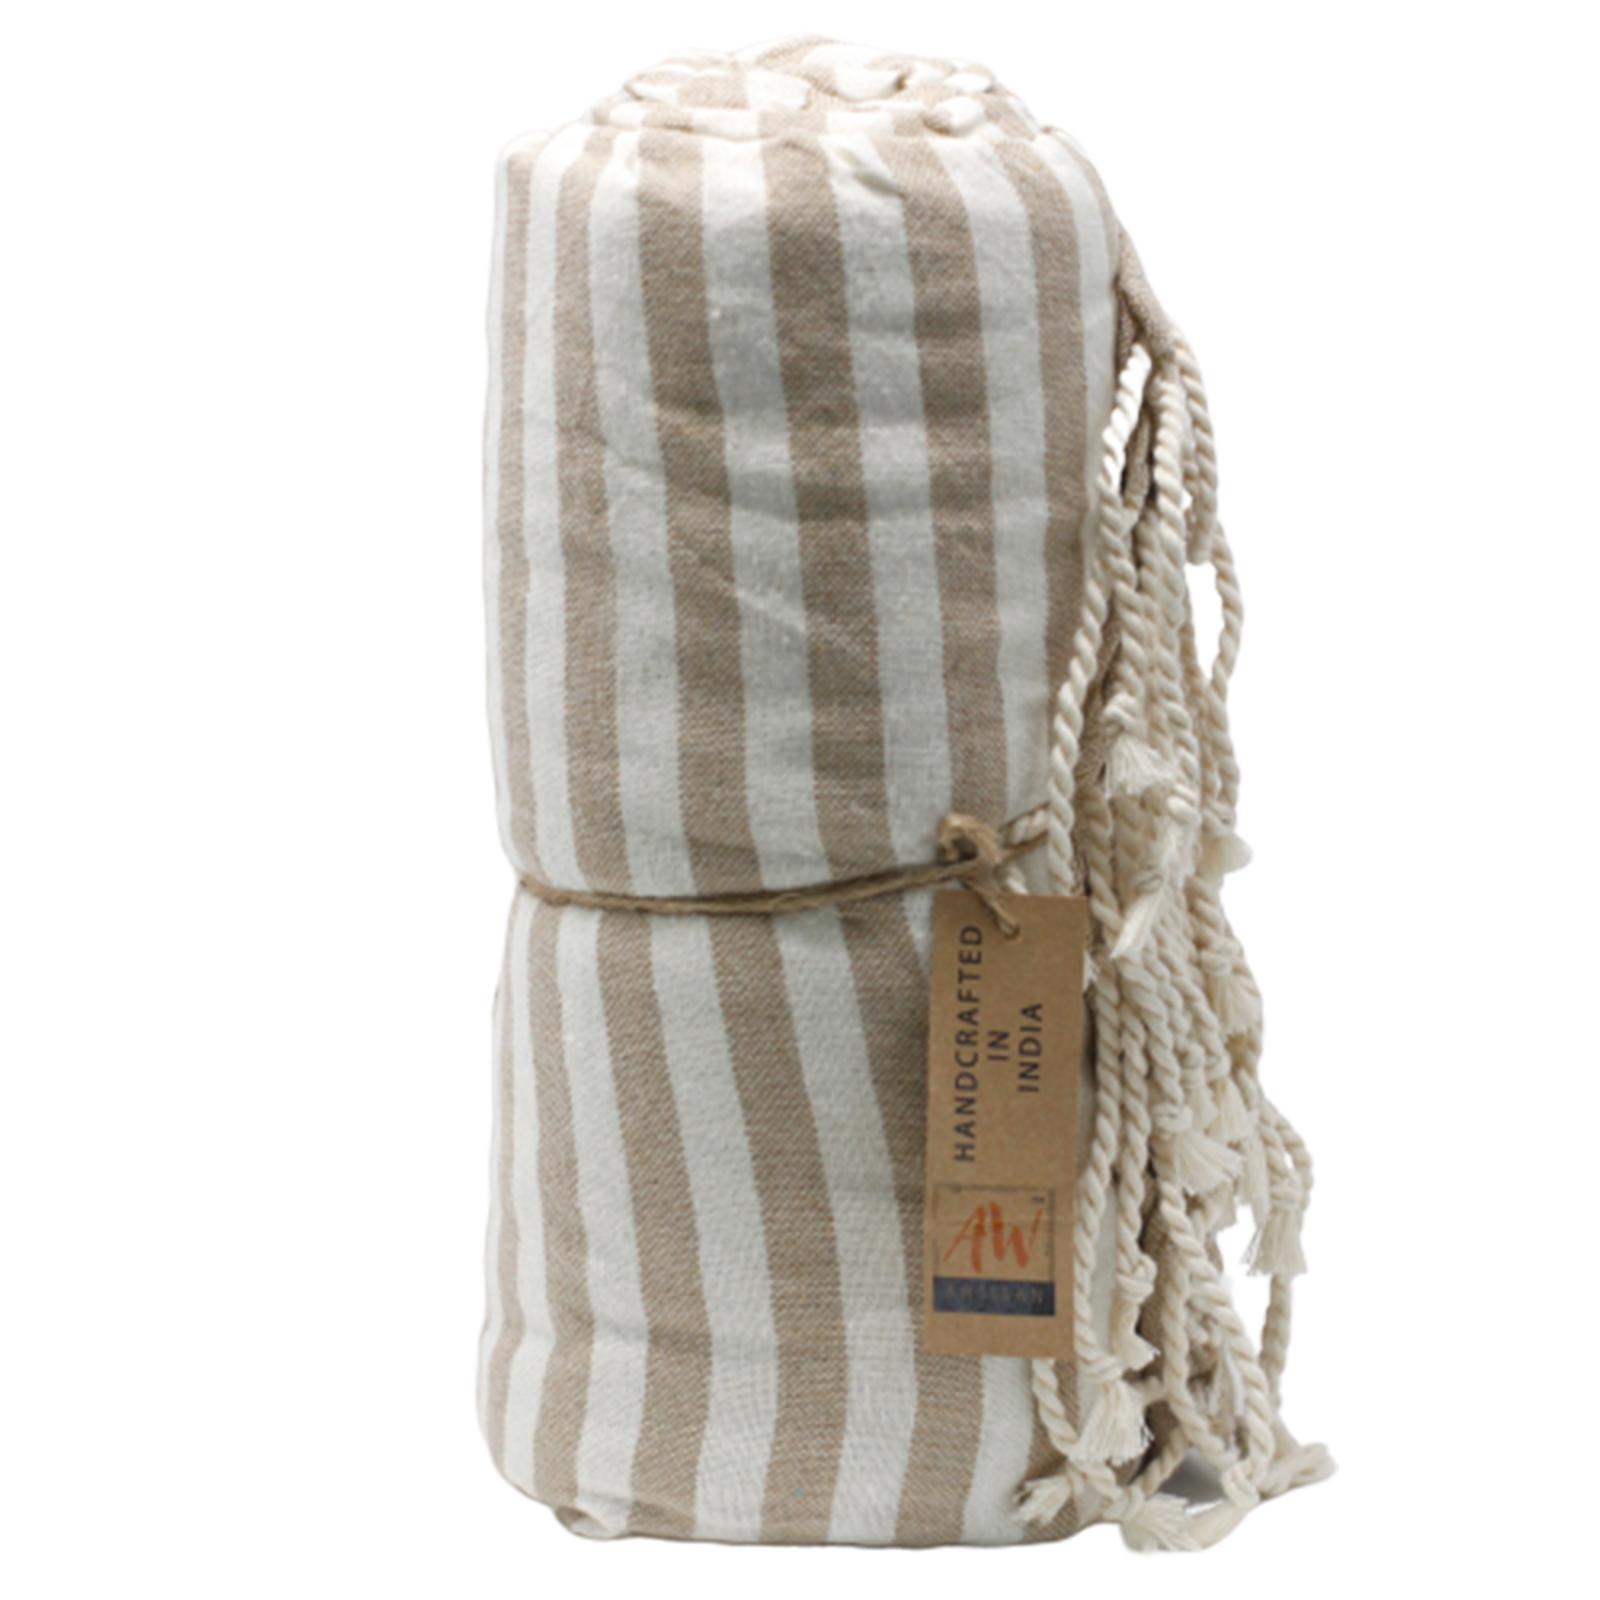 Cotton Pario Towel 100x180 cm Warm Sand